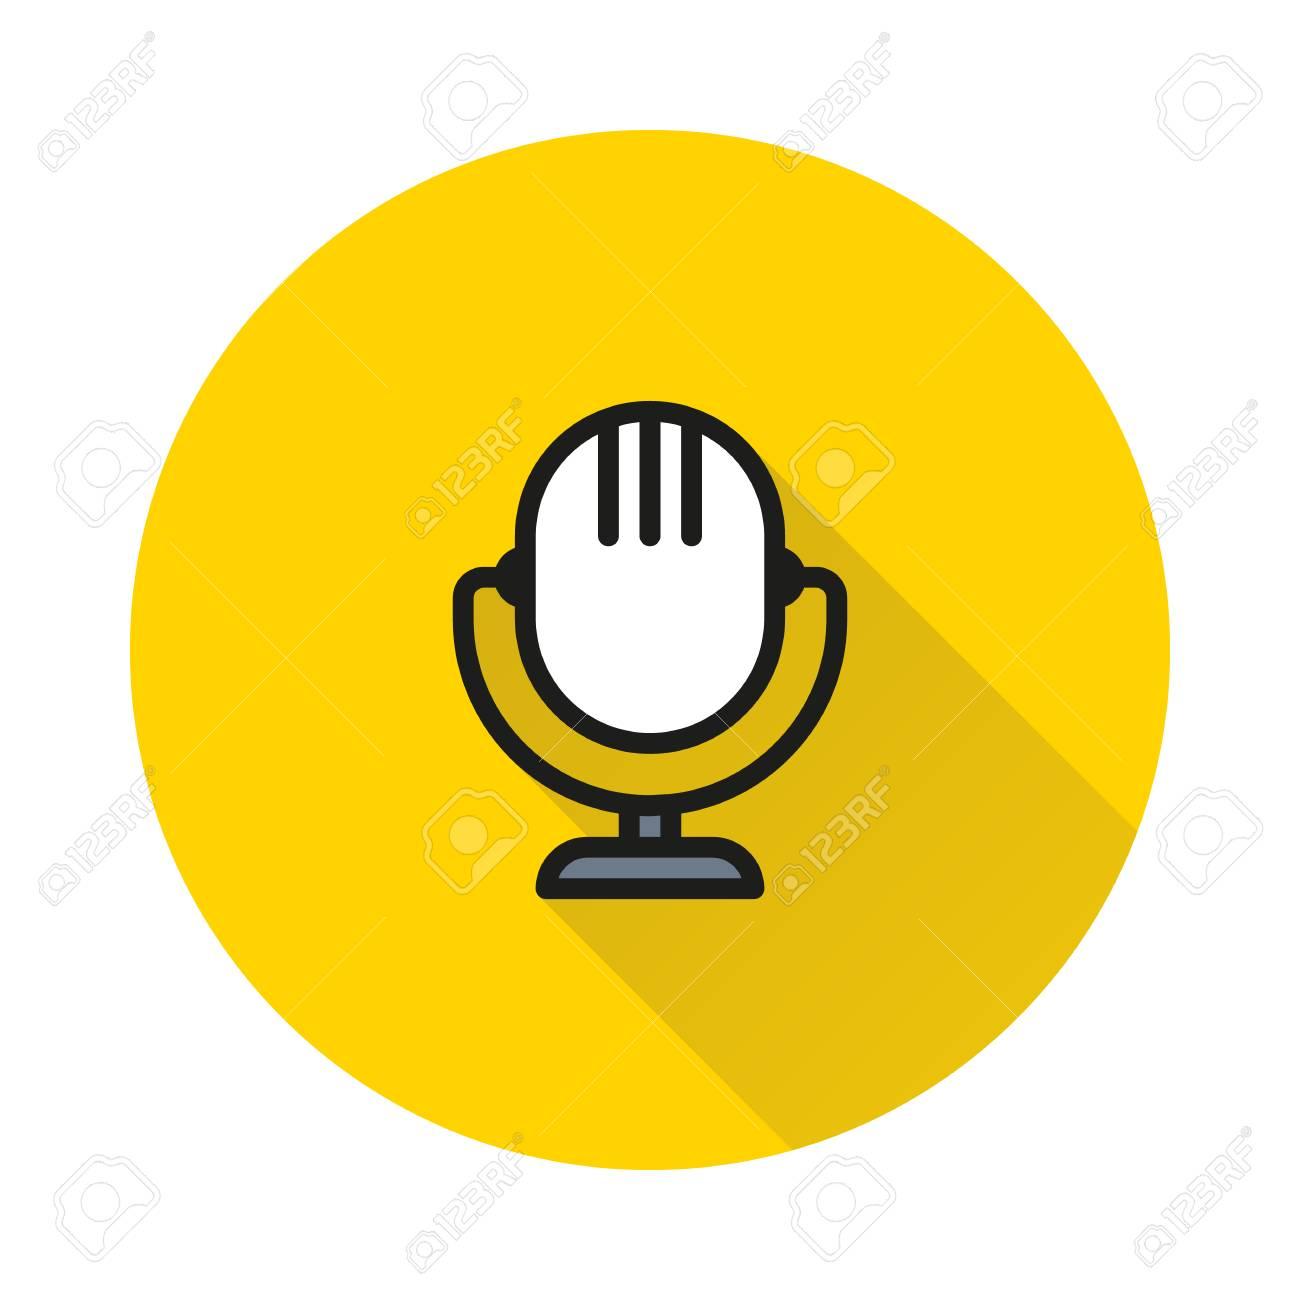 Icono Del Microfono Retro En El Fondo Redondo Creado Por Mobile Web